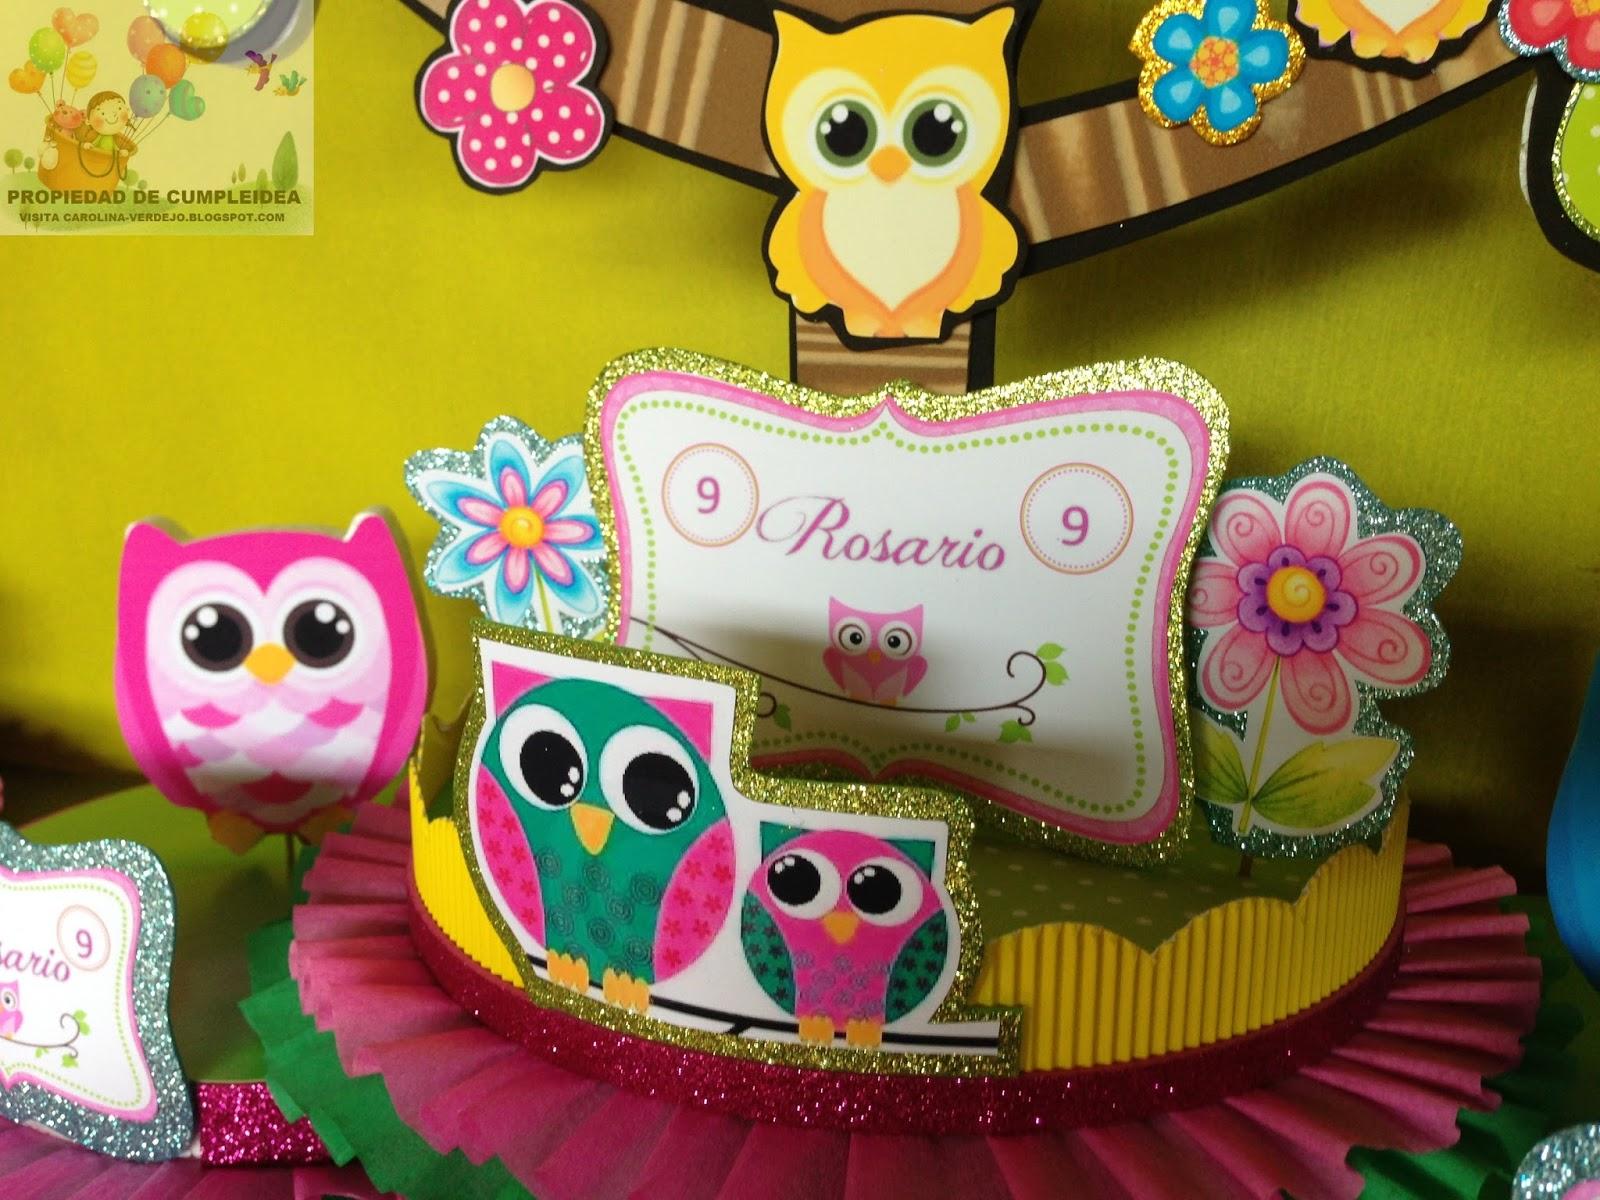 Decoraciones infantiles tematica de lechuzas for Decoraciones infantiles